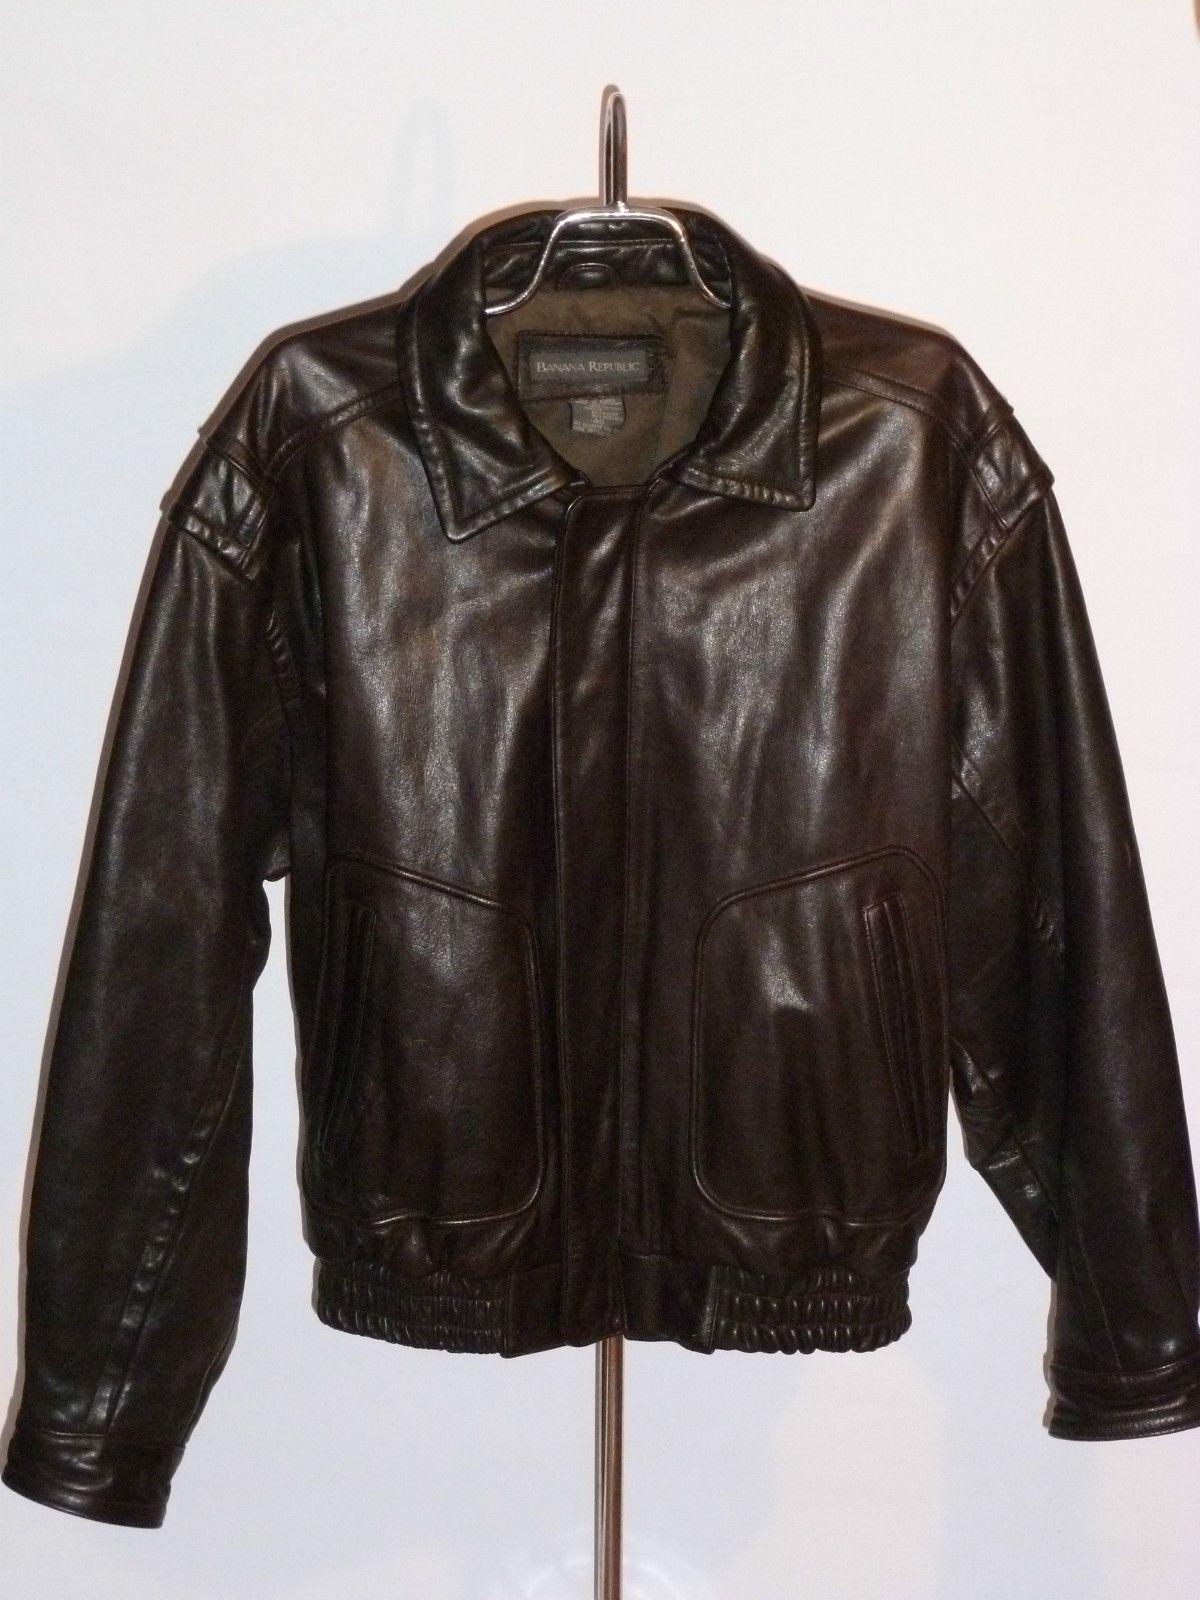 Men's Banana Republic Leather Jacket Jackets, Leather